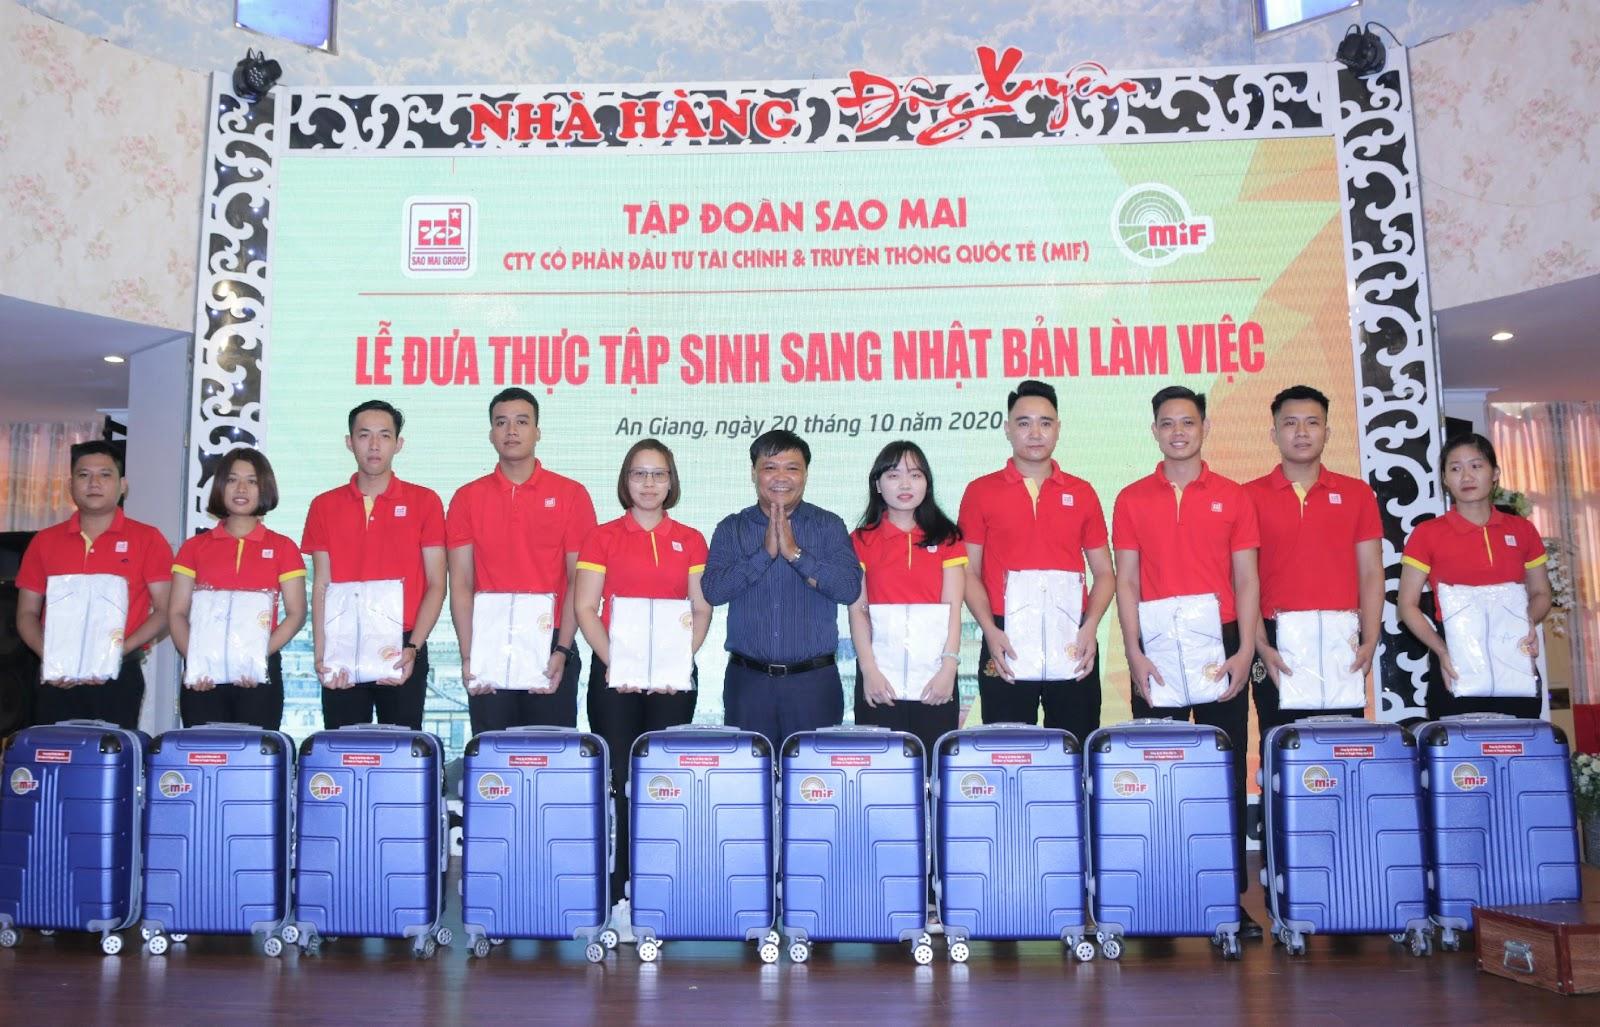 3. Ông Huỳnh Thế Loan - Phó Giám đốc Ngân hang CSXH tỉnh An Giang trao quà cho các TTS đủ điều kiện sang Nhật Bản làm việc